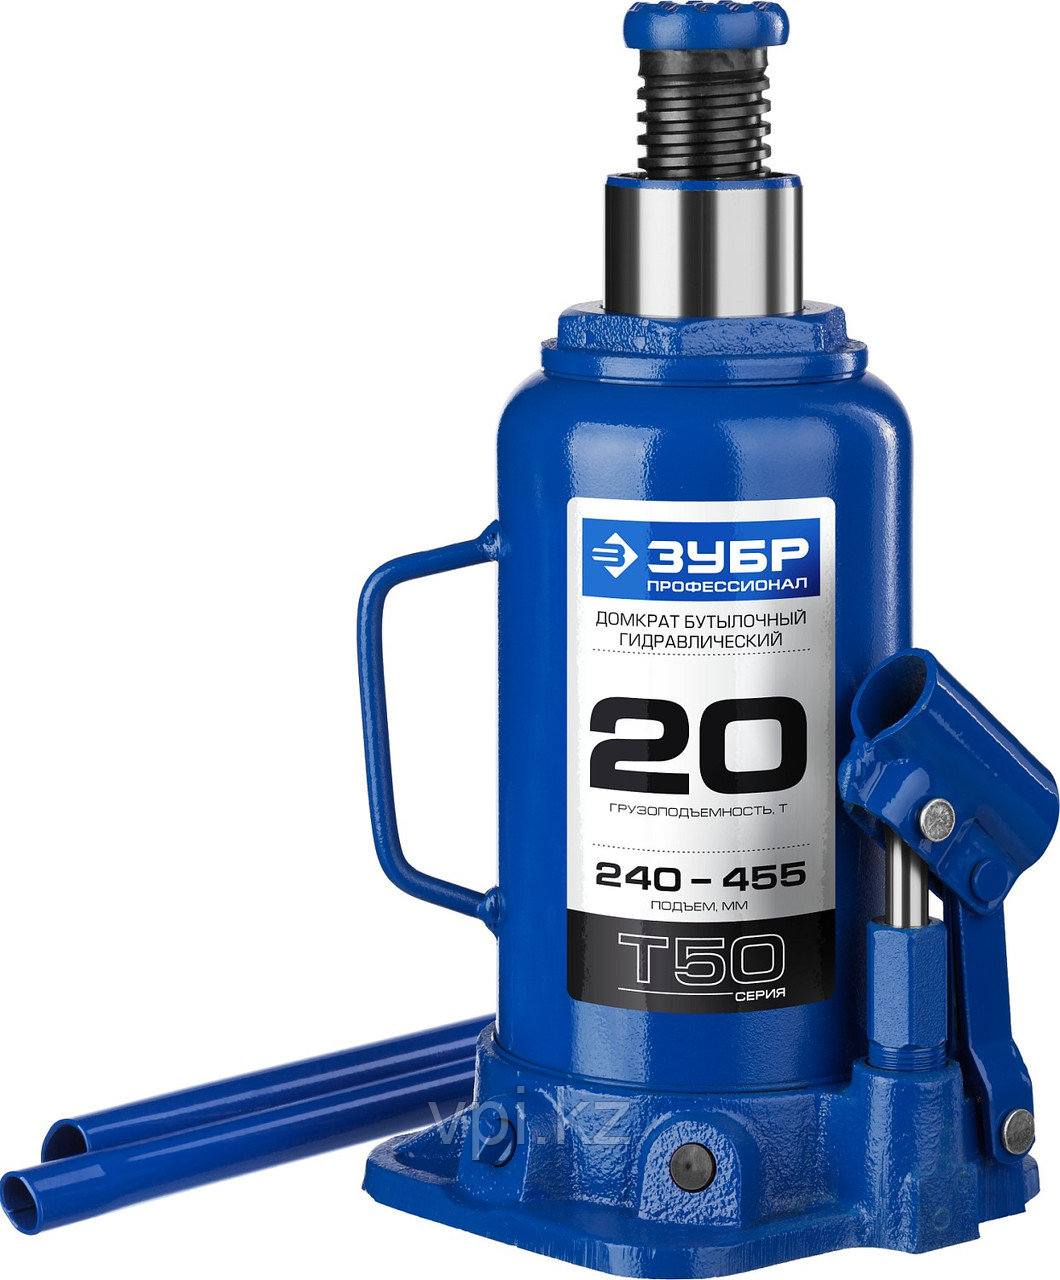 Домкрат гидравлический бутылочный Т50, 20т, 240-455мм. ЗУБР Профессионал